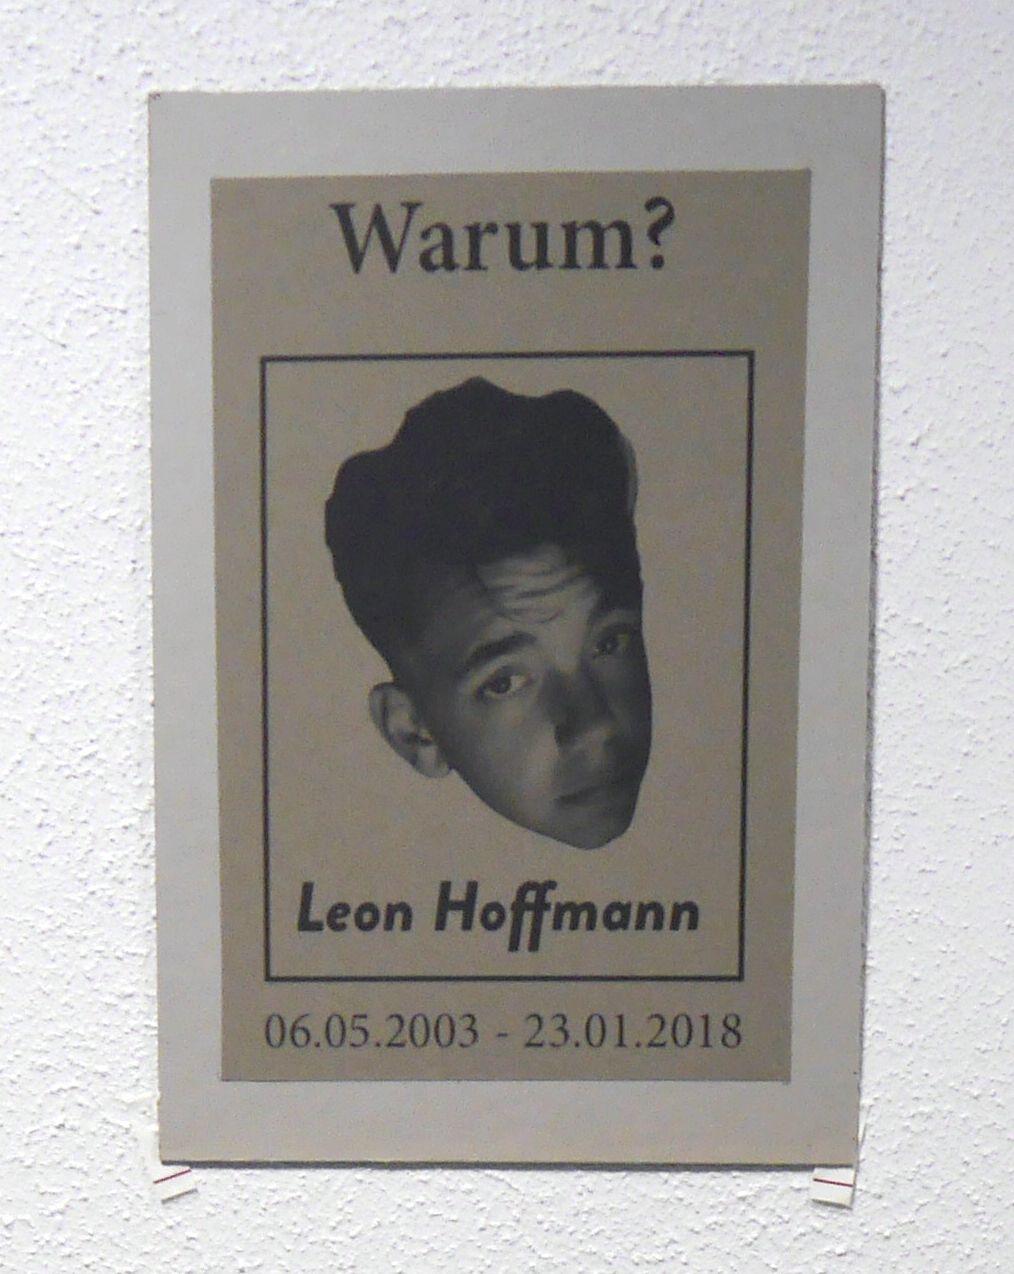 Stille Gedenkfeier für Leon Hoffmann